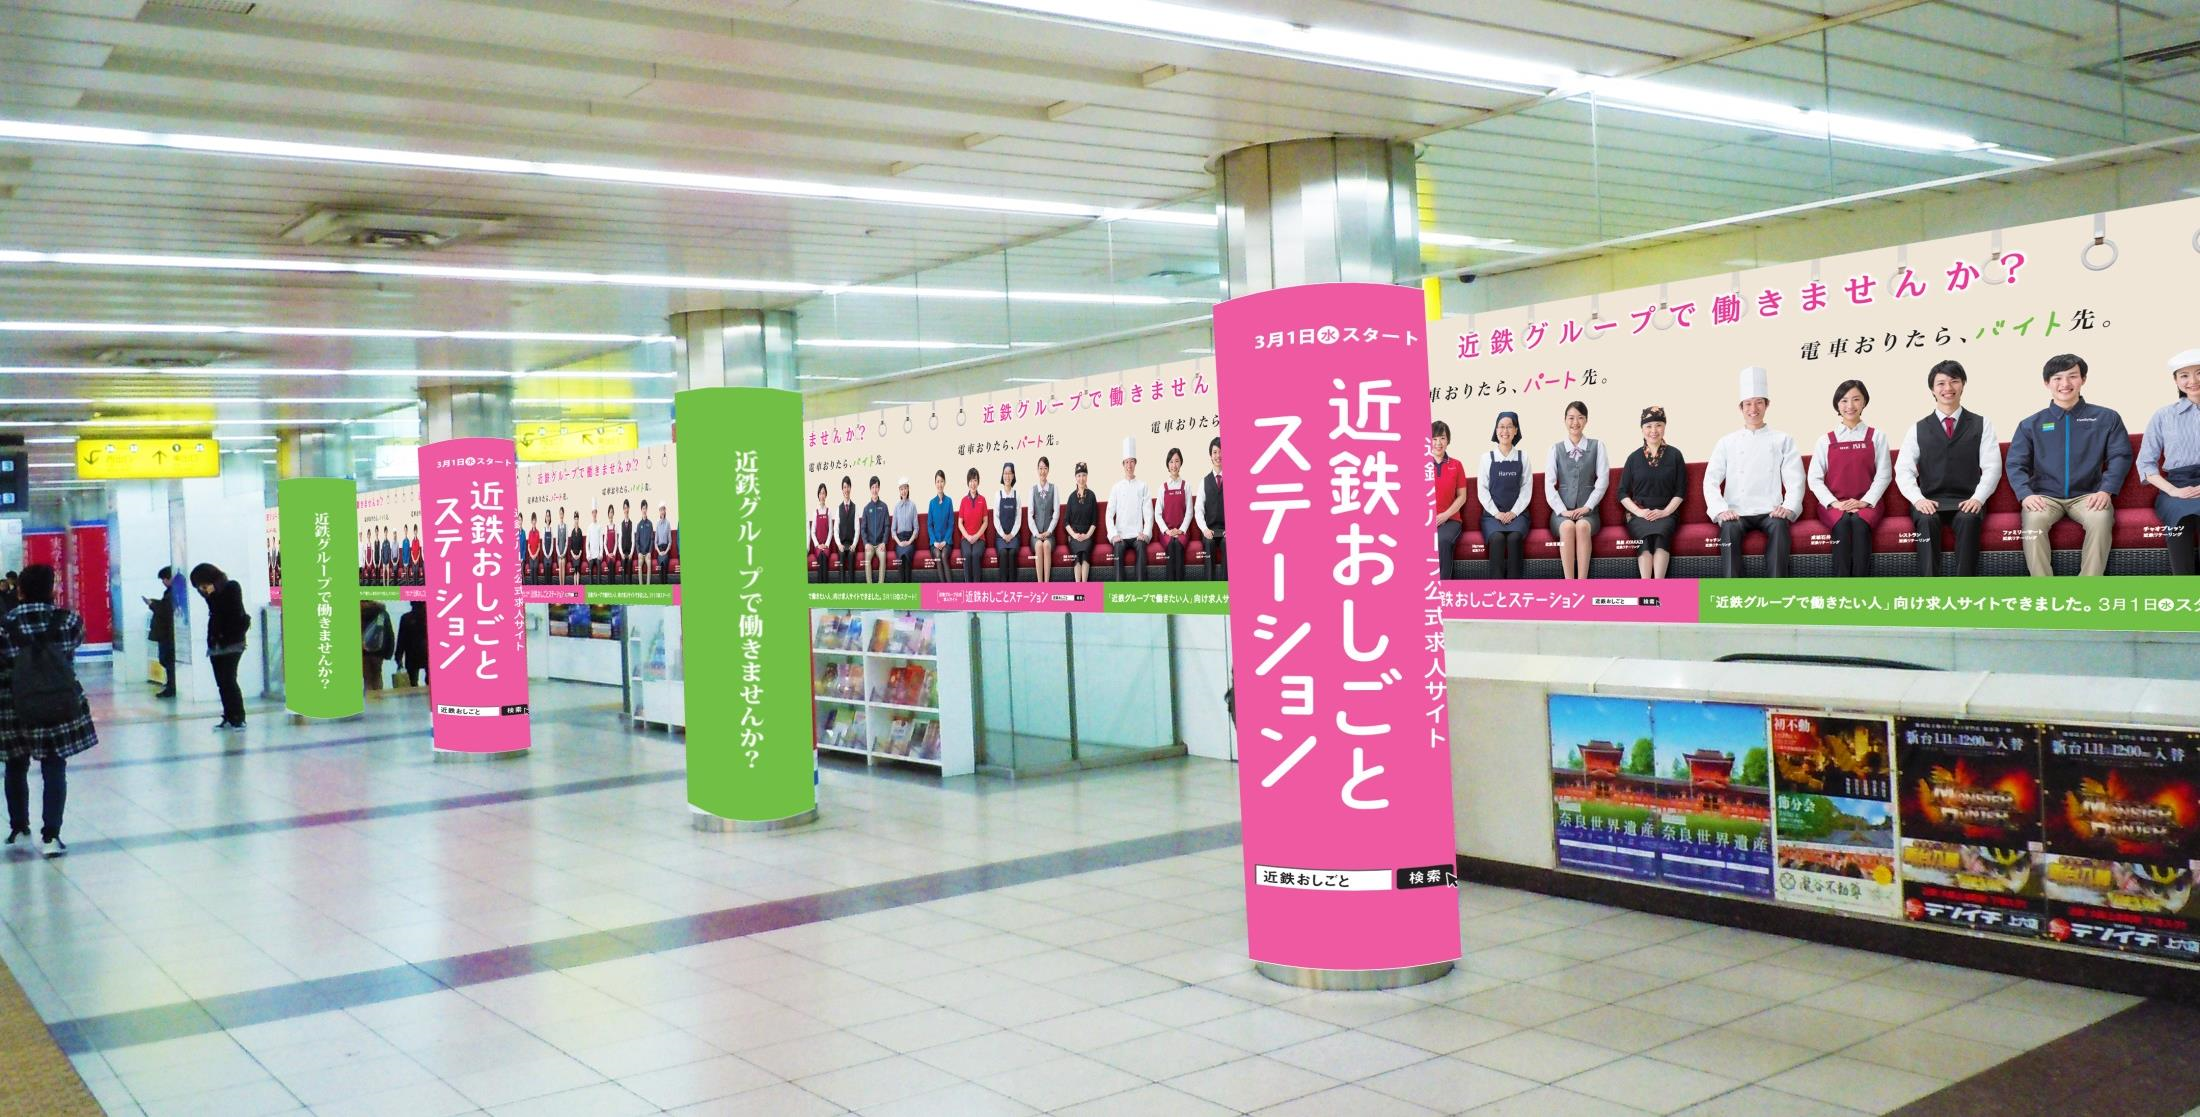 大阪難波駅ジャック